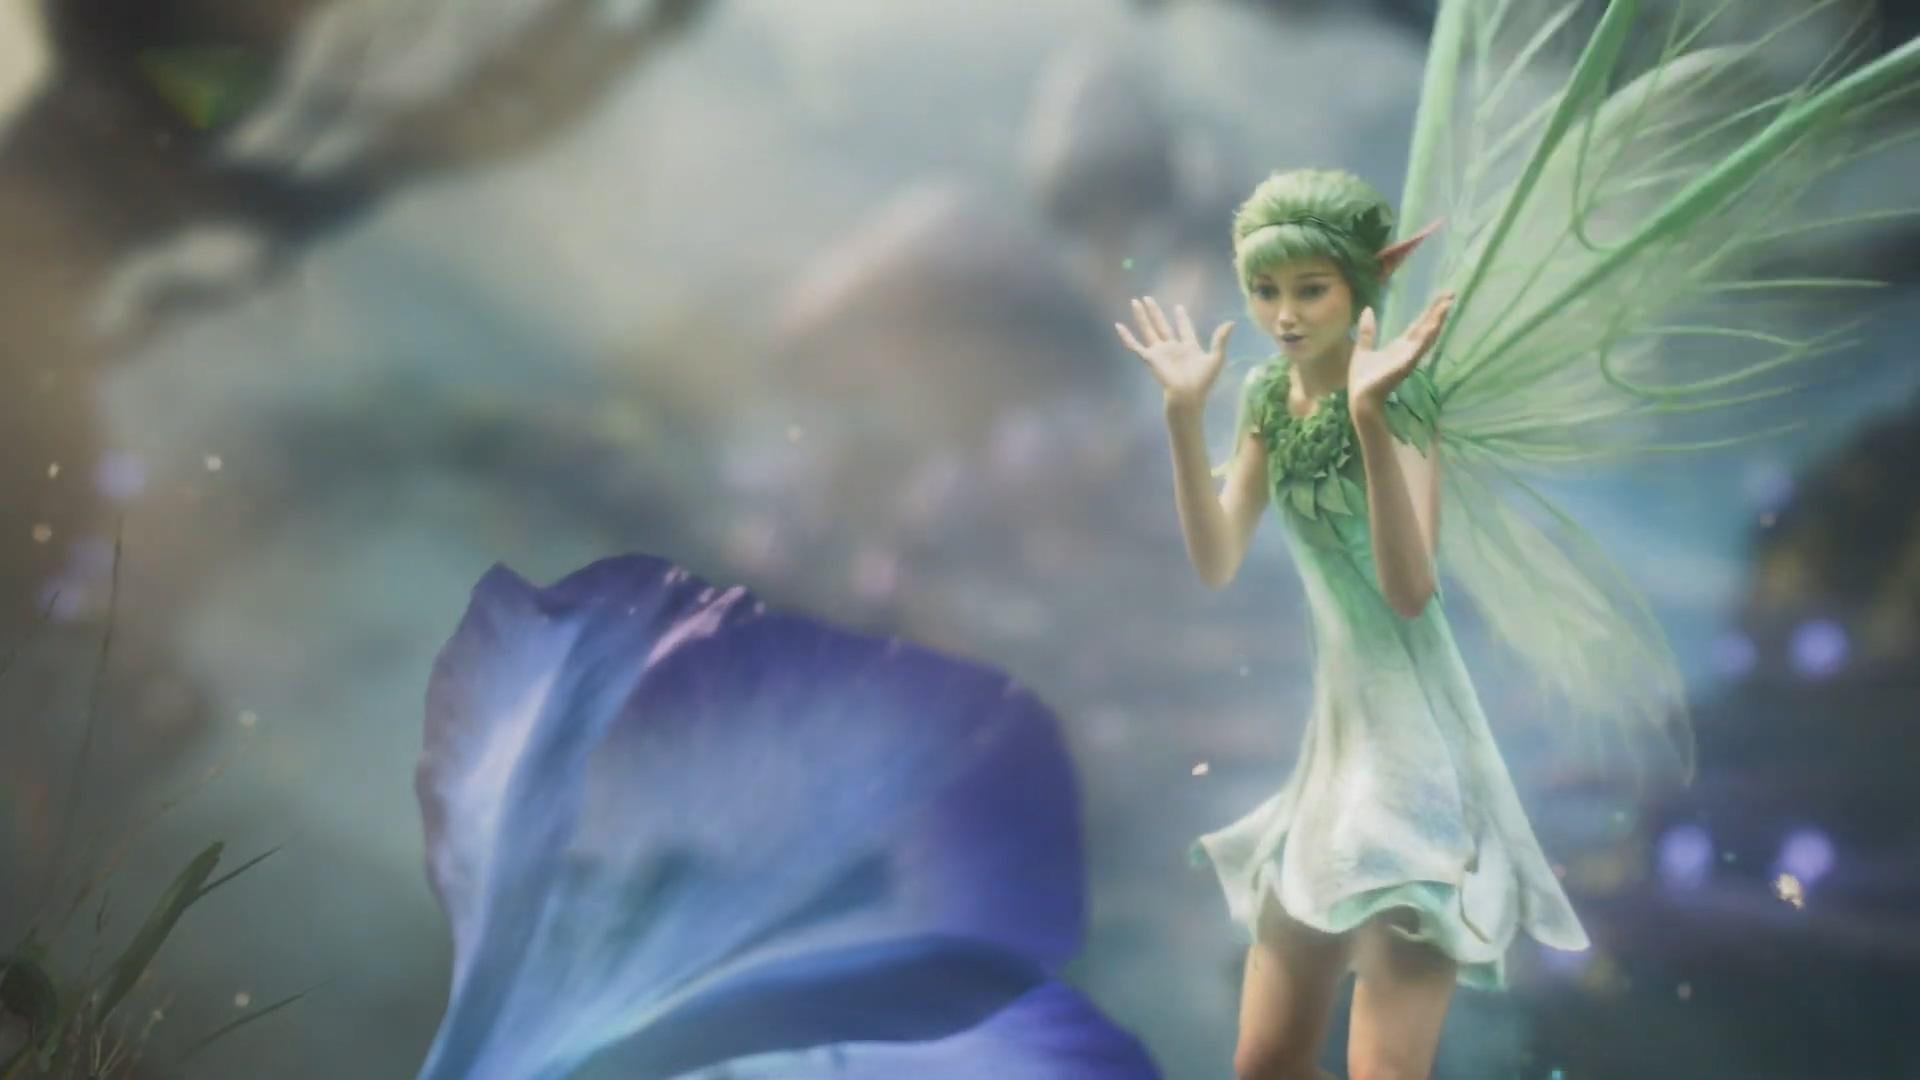 《神鬼寓言4》原画师对当前版本很满意 未确定出展E3